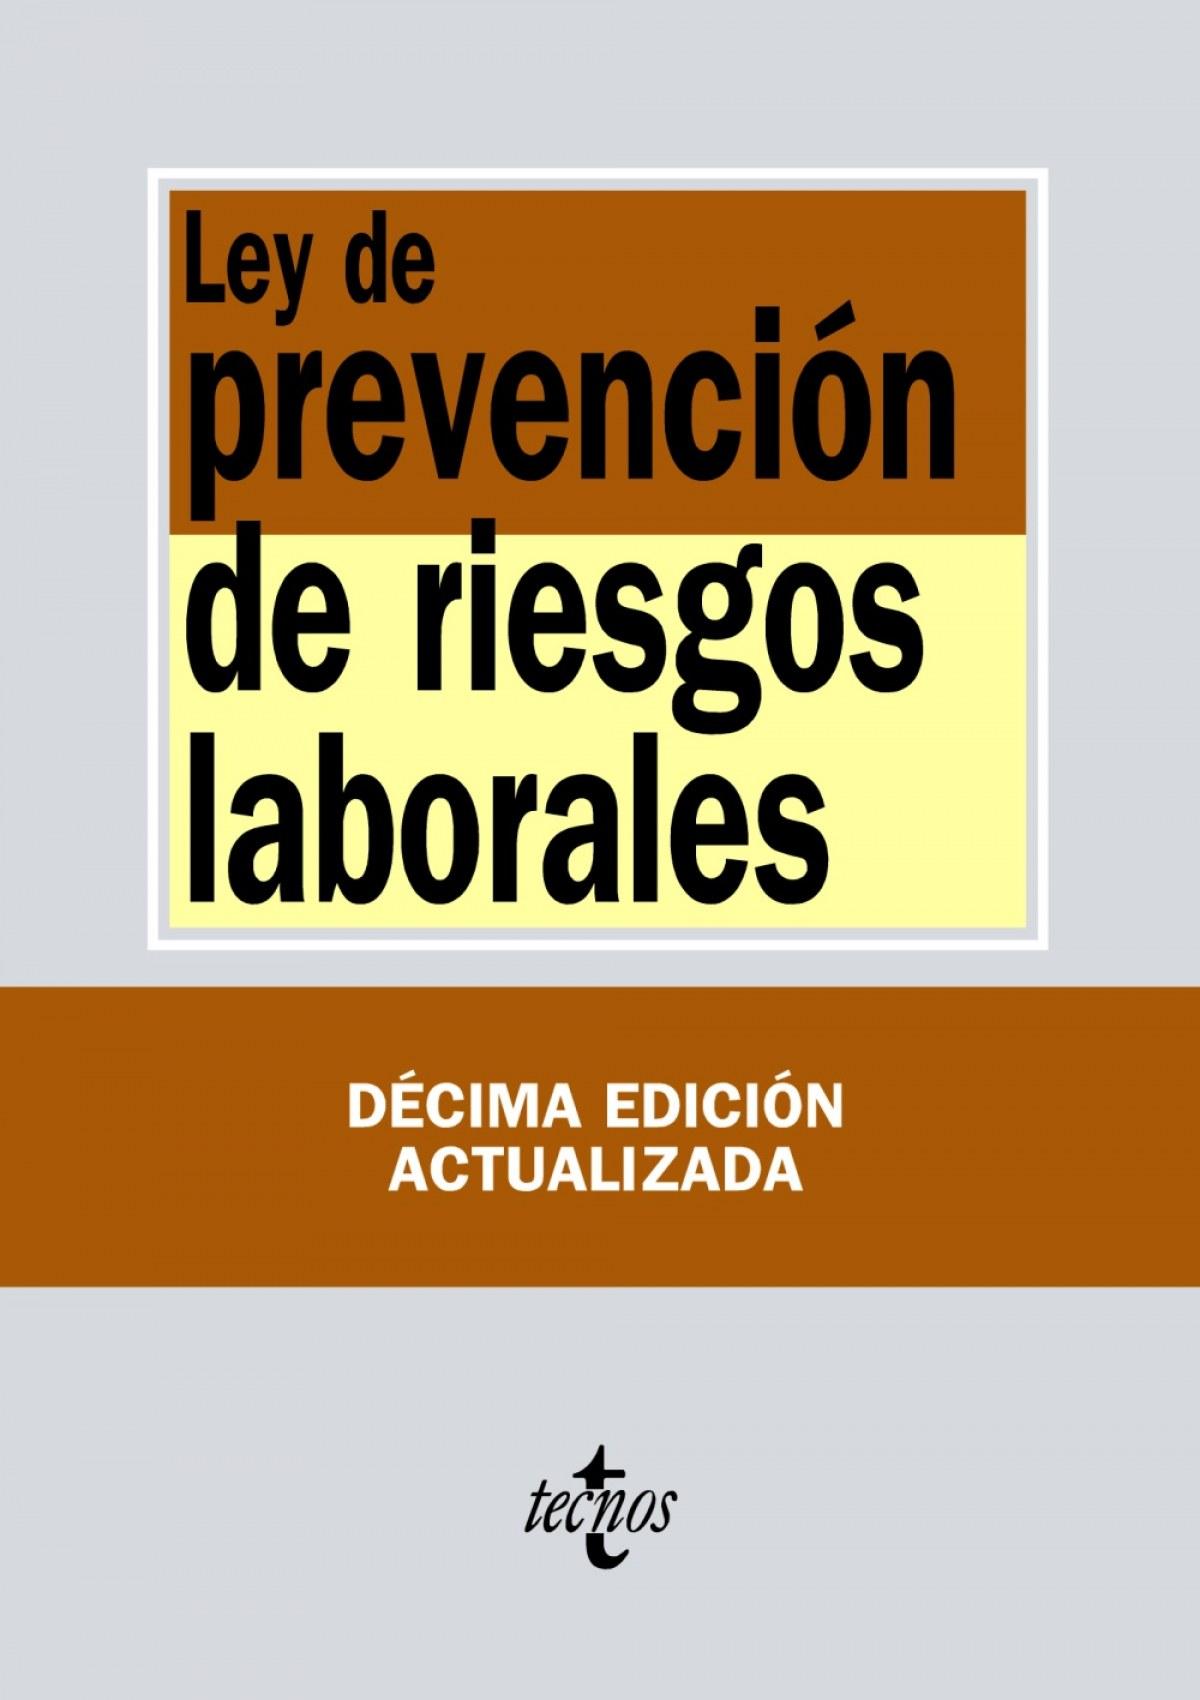 LEY DE PREVENCIÓN DE RIESGOS LABORALES 9788430973729